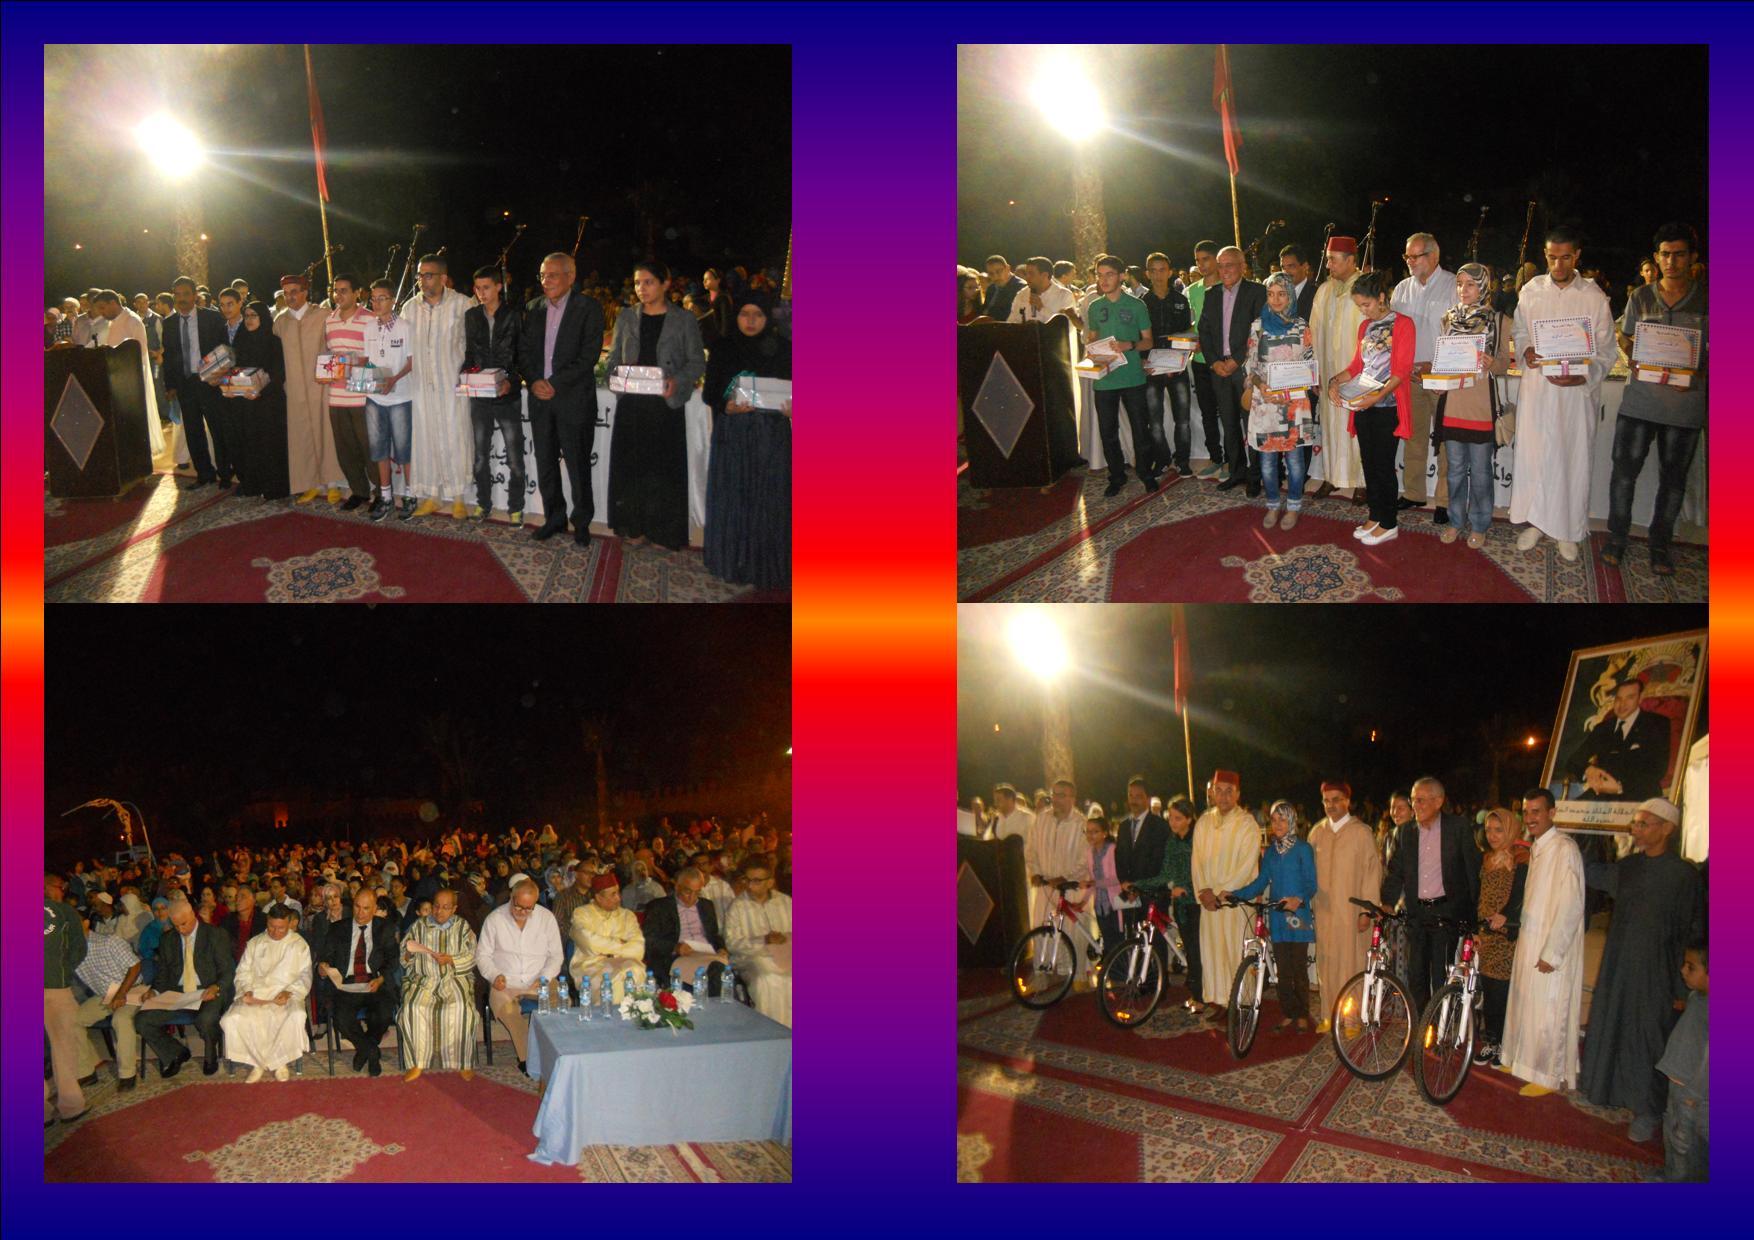 بلاغ اخباري : نيابة التعليم والمجلس البلدي بتيزنيت يحتفلان بالمتفوقين